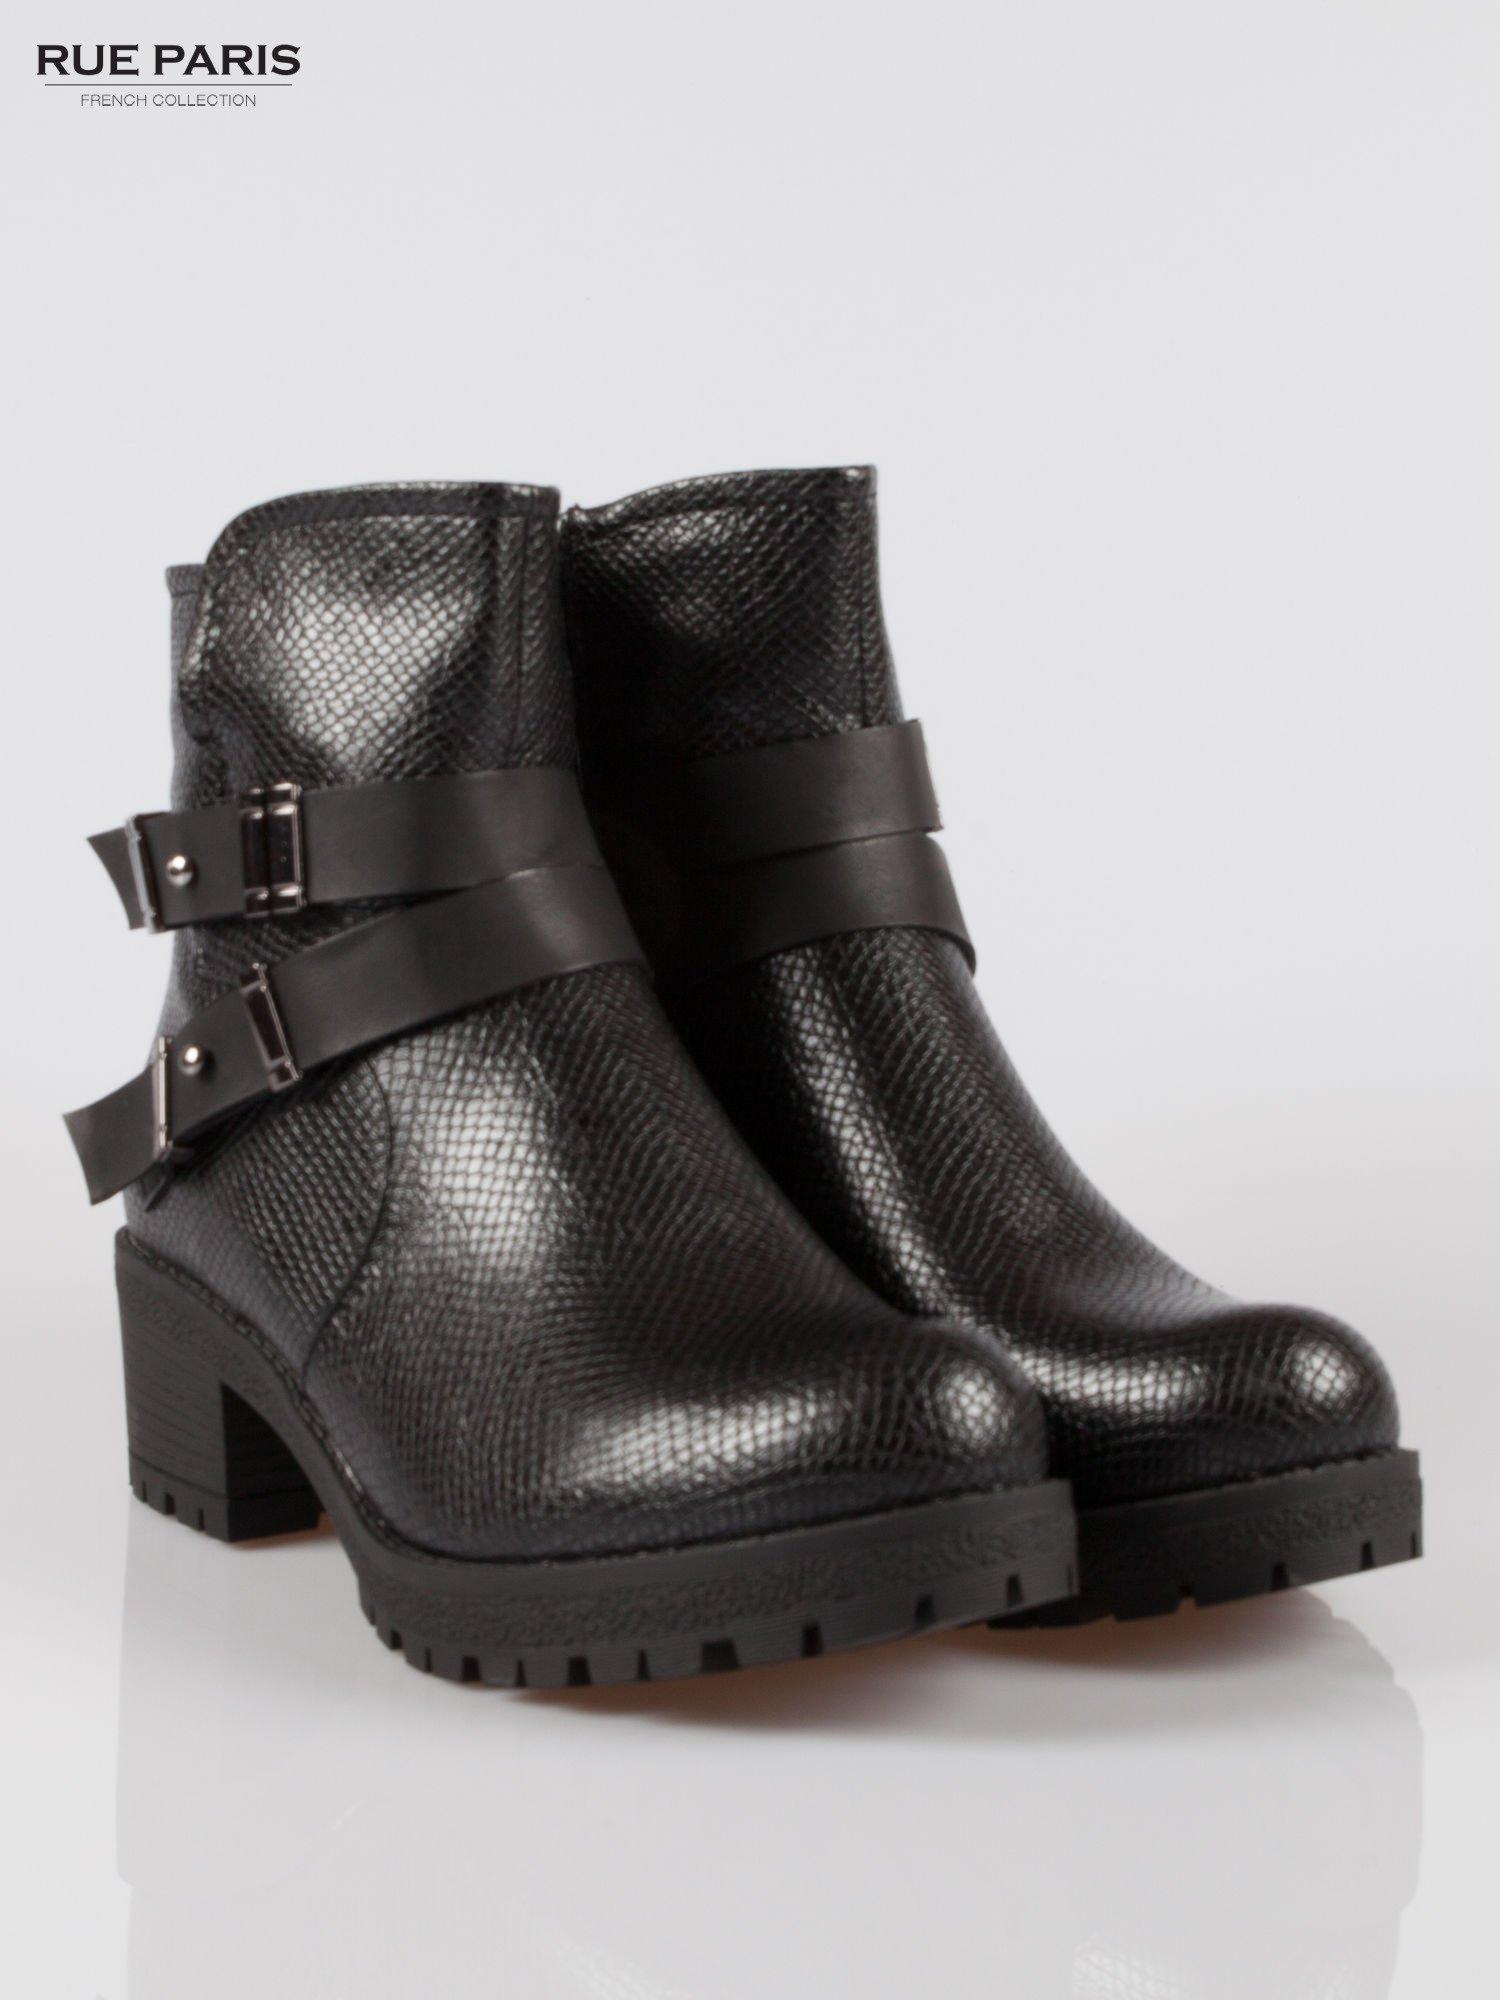 Czarne tłoczone botki biker boots z klamrami                                  zdj.                                  2